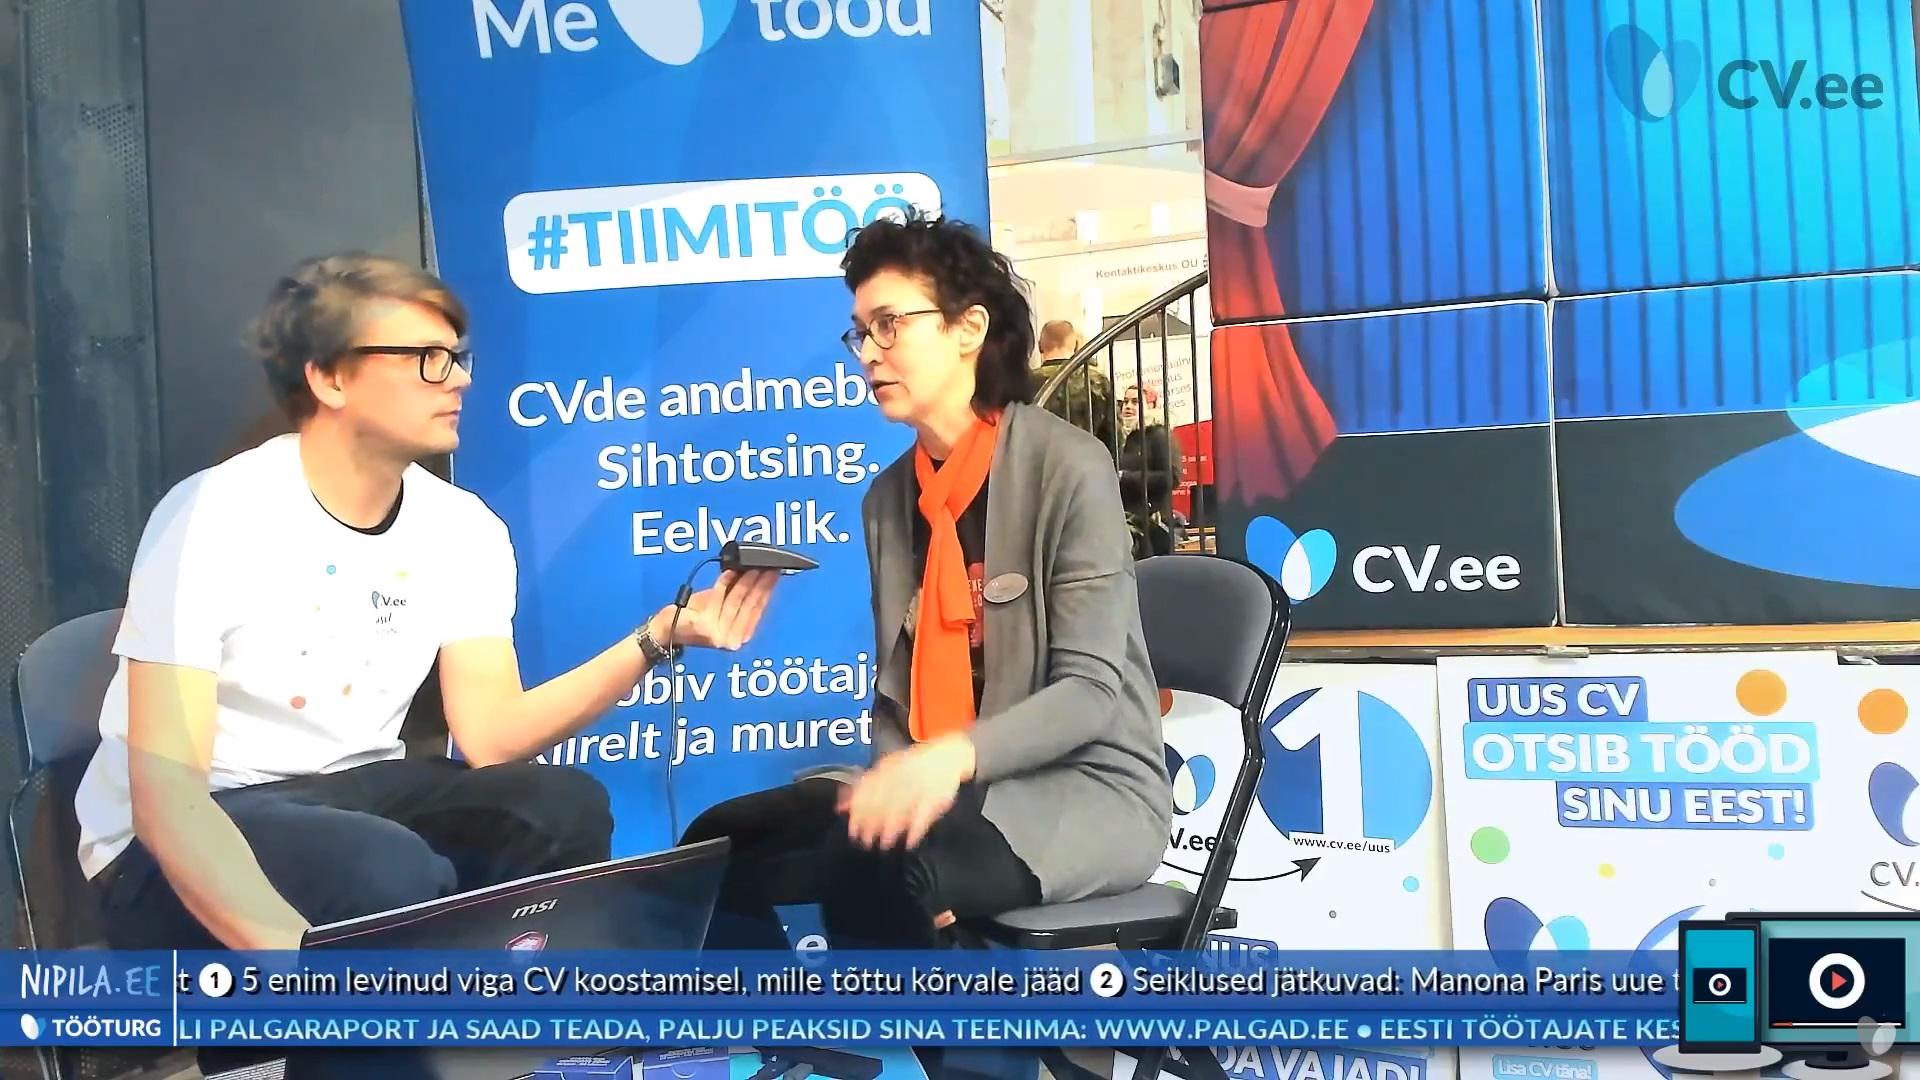 Intervjuu töömessil: karjäärinõustamine sobib kõigile ja avab silmad uutele võimalustele